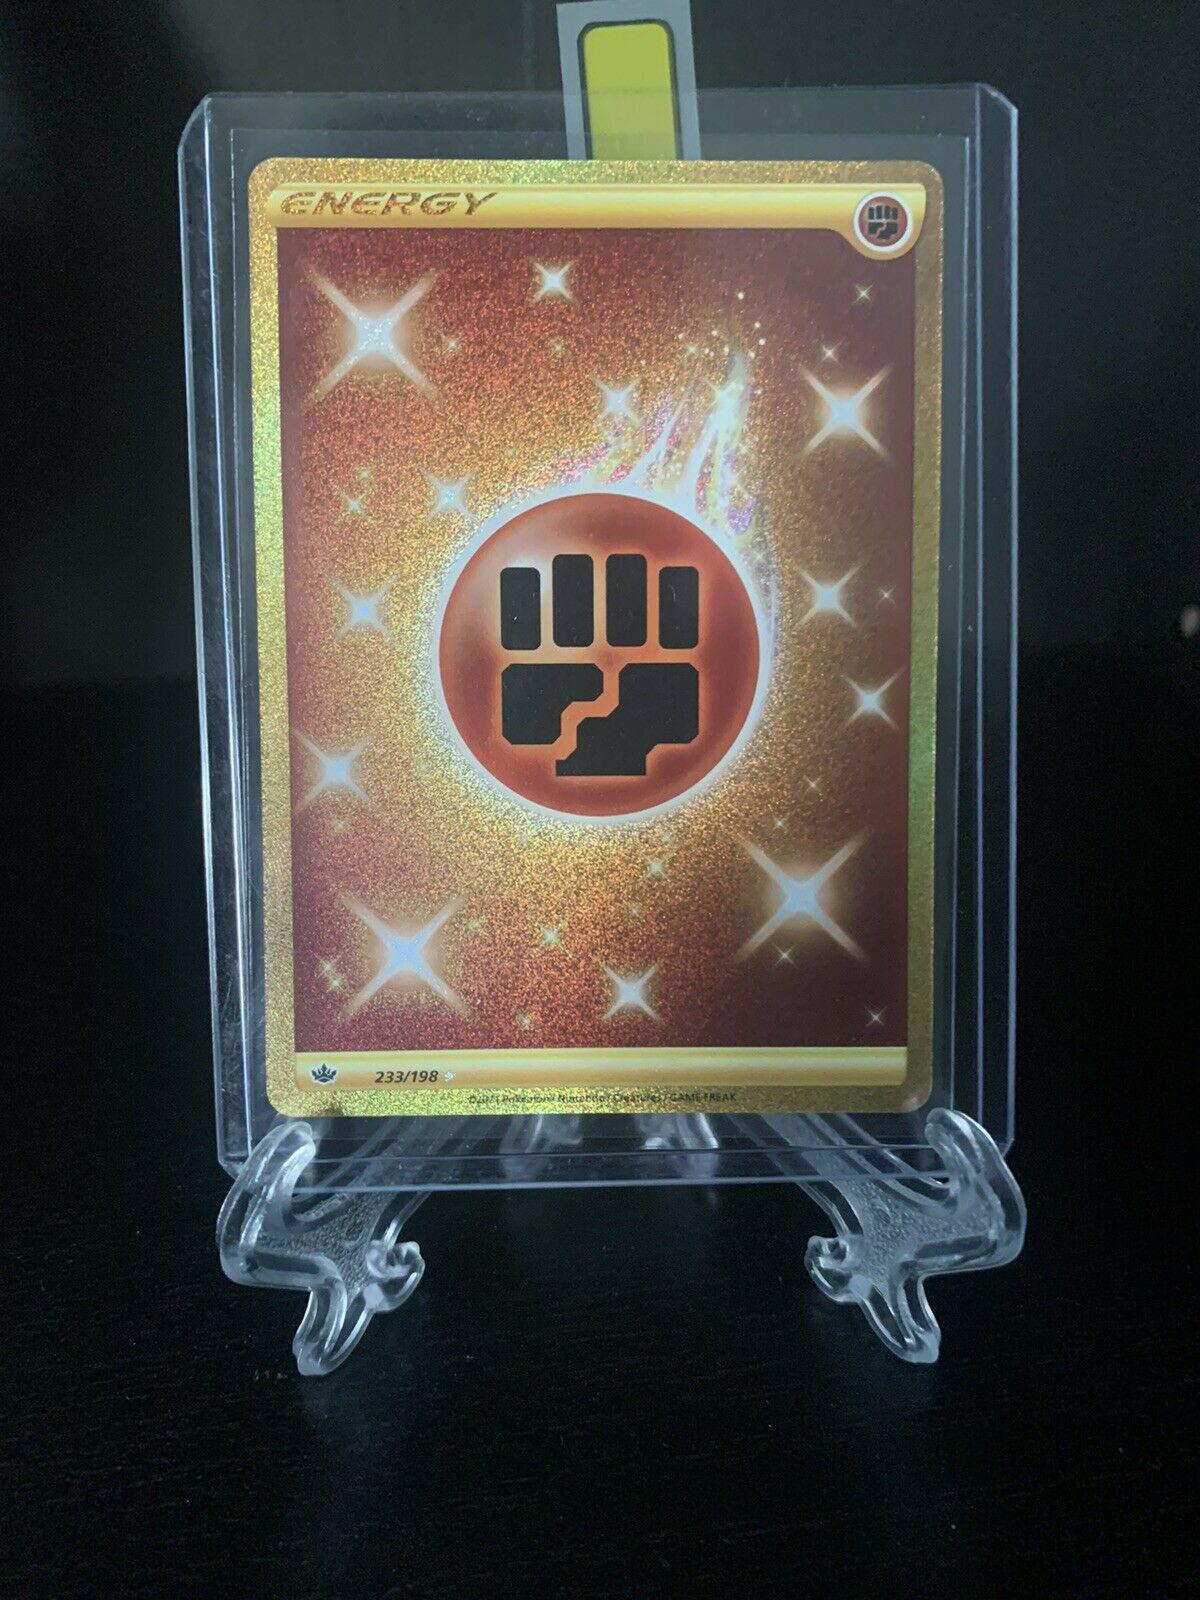 Pokemon TCG Chilling Reign Fighting Energy GOLD SECRET RARE Card 233/198